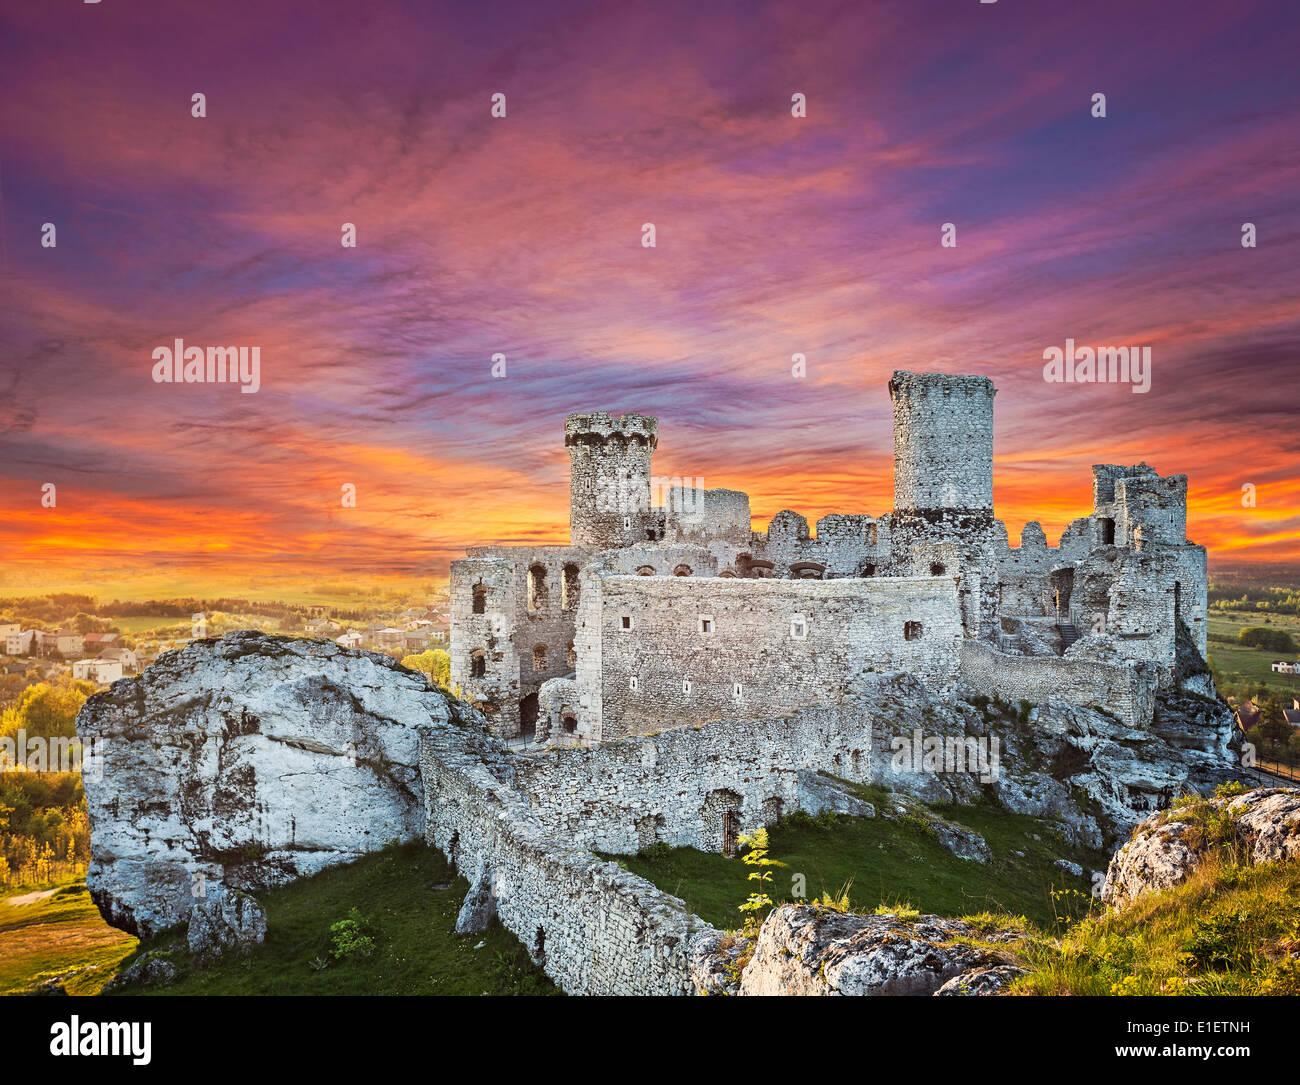 Bellissimo tramonto sul castello di Ogrodzieniec, Polonia. Immagini Stock